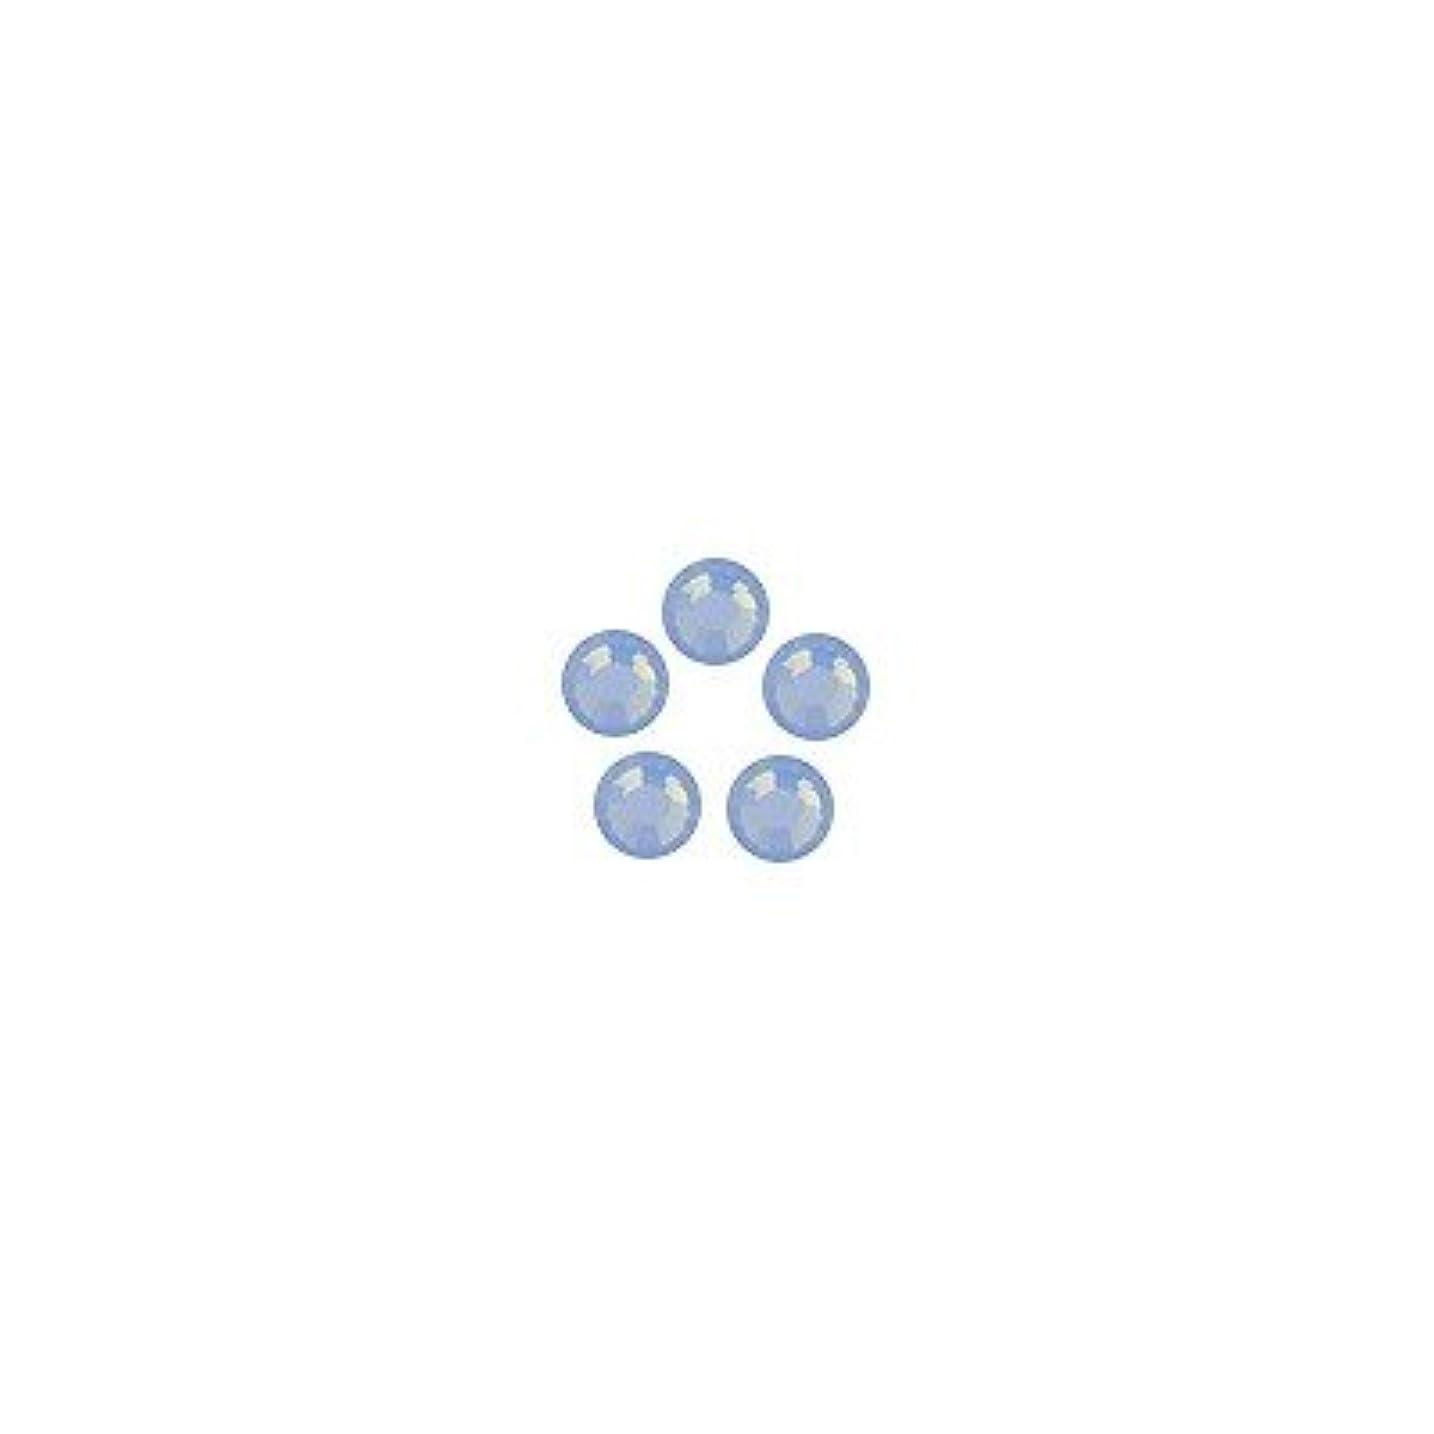 ネクタイブラスト厳密にSWAROVSKI エアーブルーオパール ss3 #2000 72P